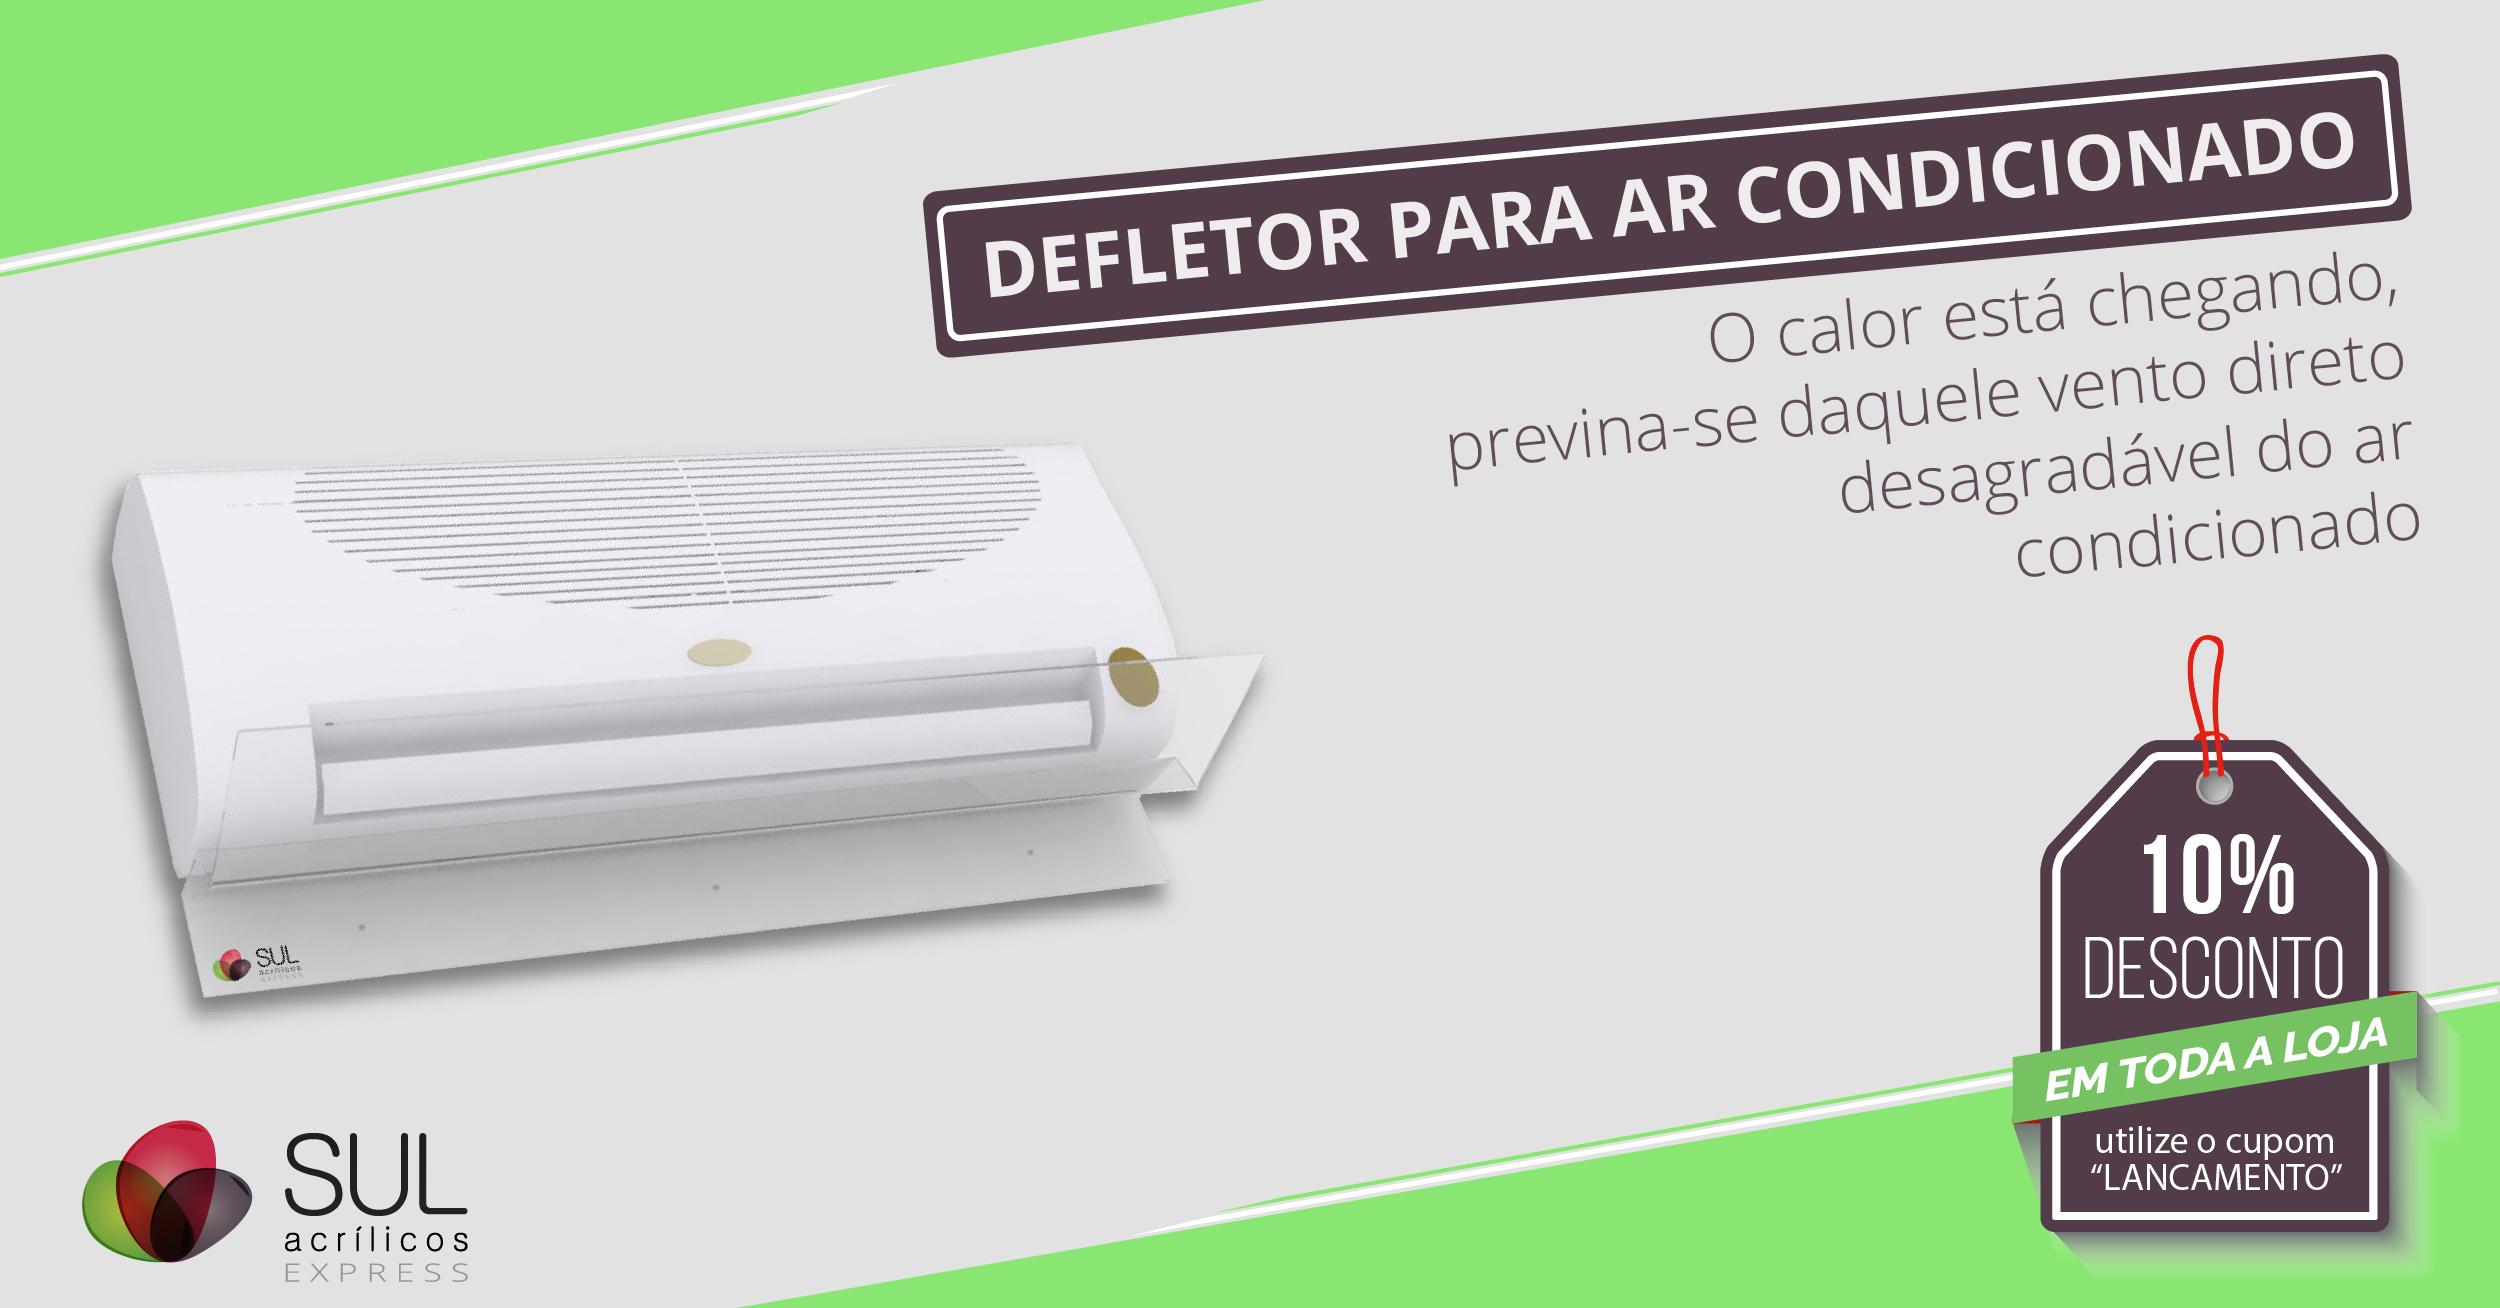 Defletor para ar condicionado